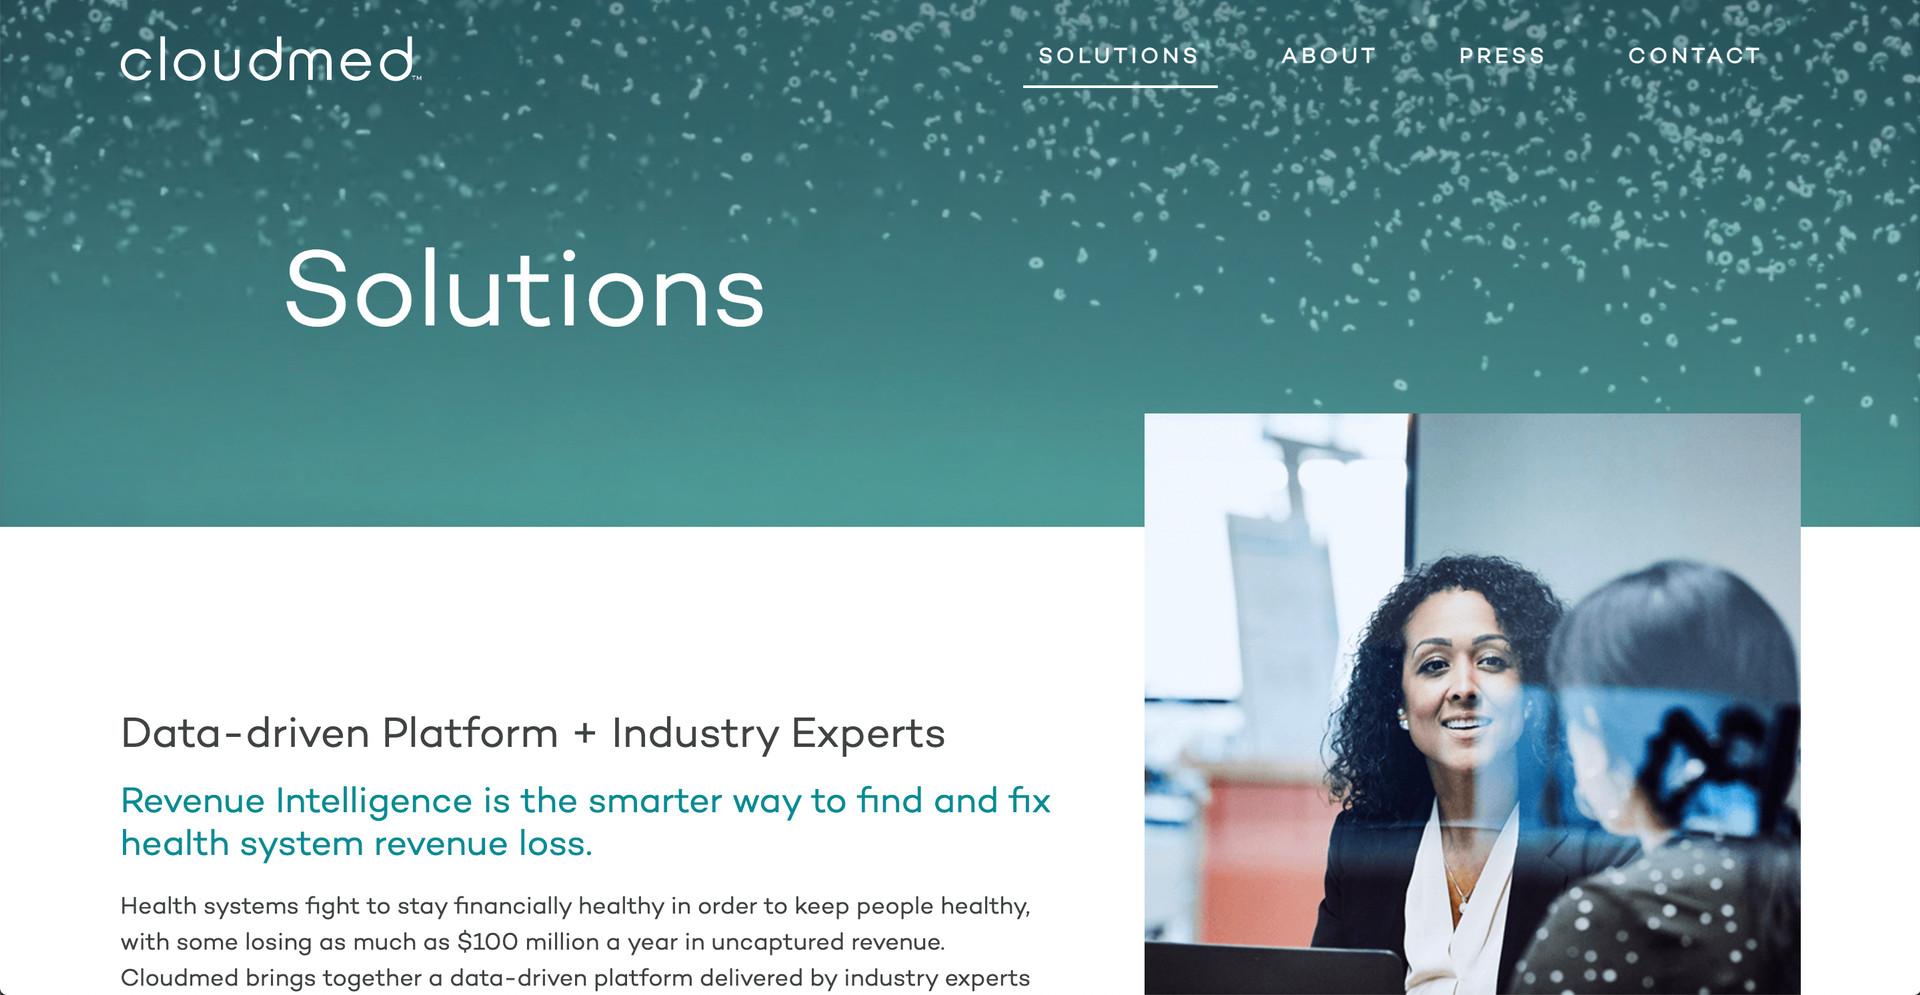 Cloudmed Website Screengrab_Solutions.jp